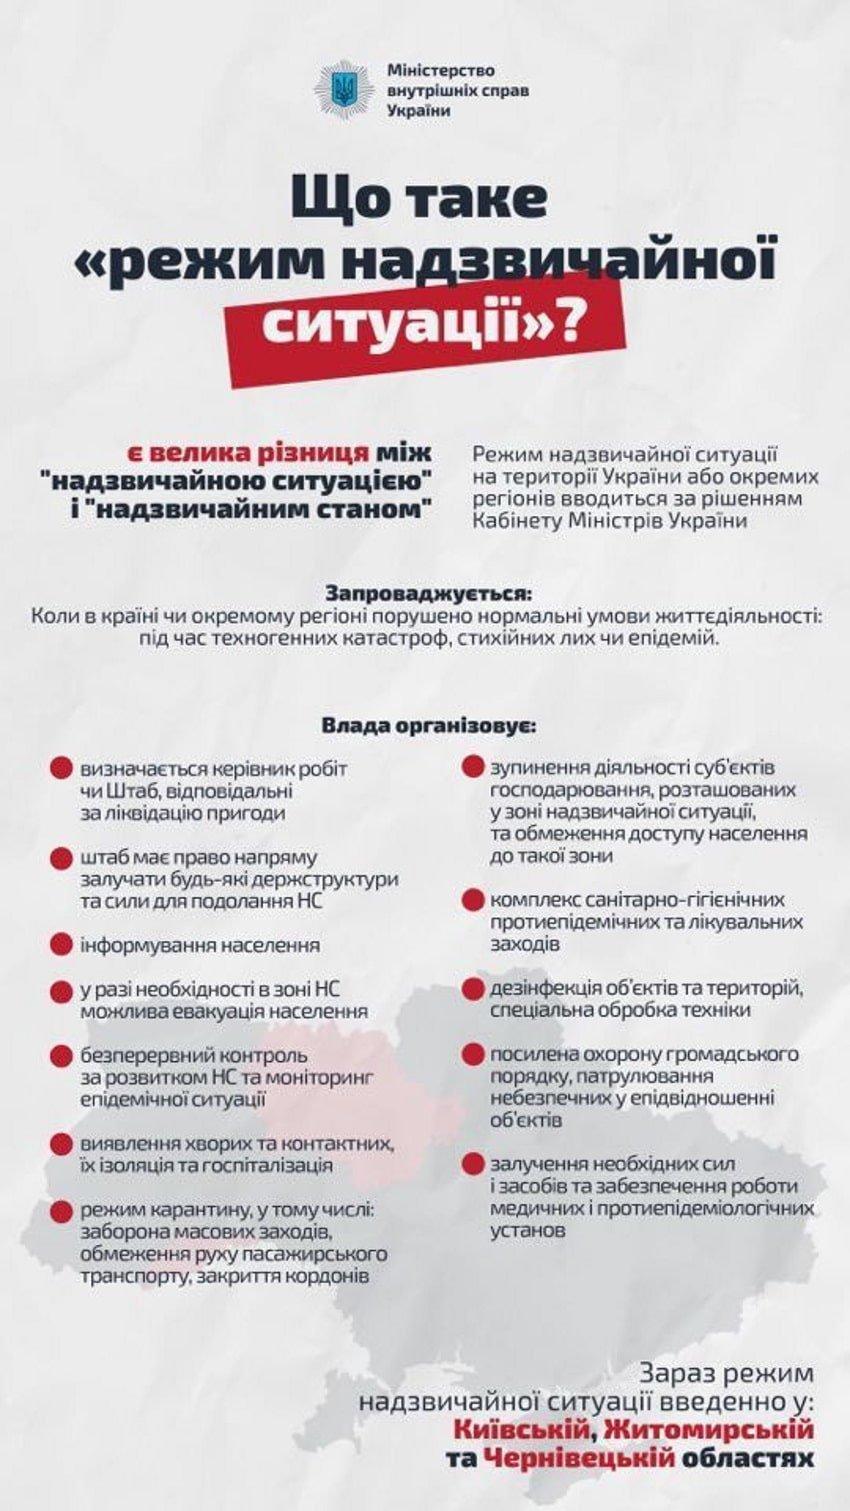 Закриття ринків та проїзд за перепустками – на Донеччині введено режим надзвичайної ситуації - Фото №1